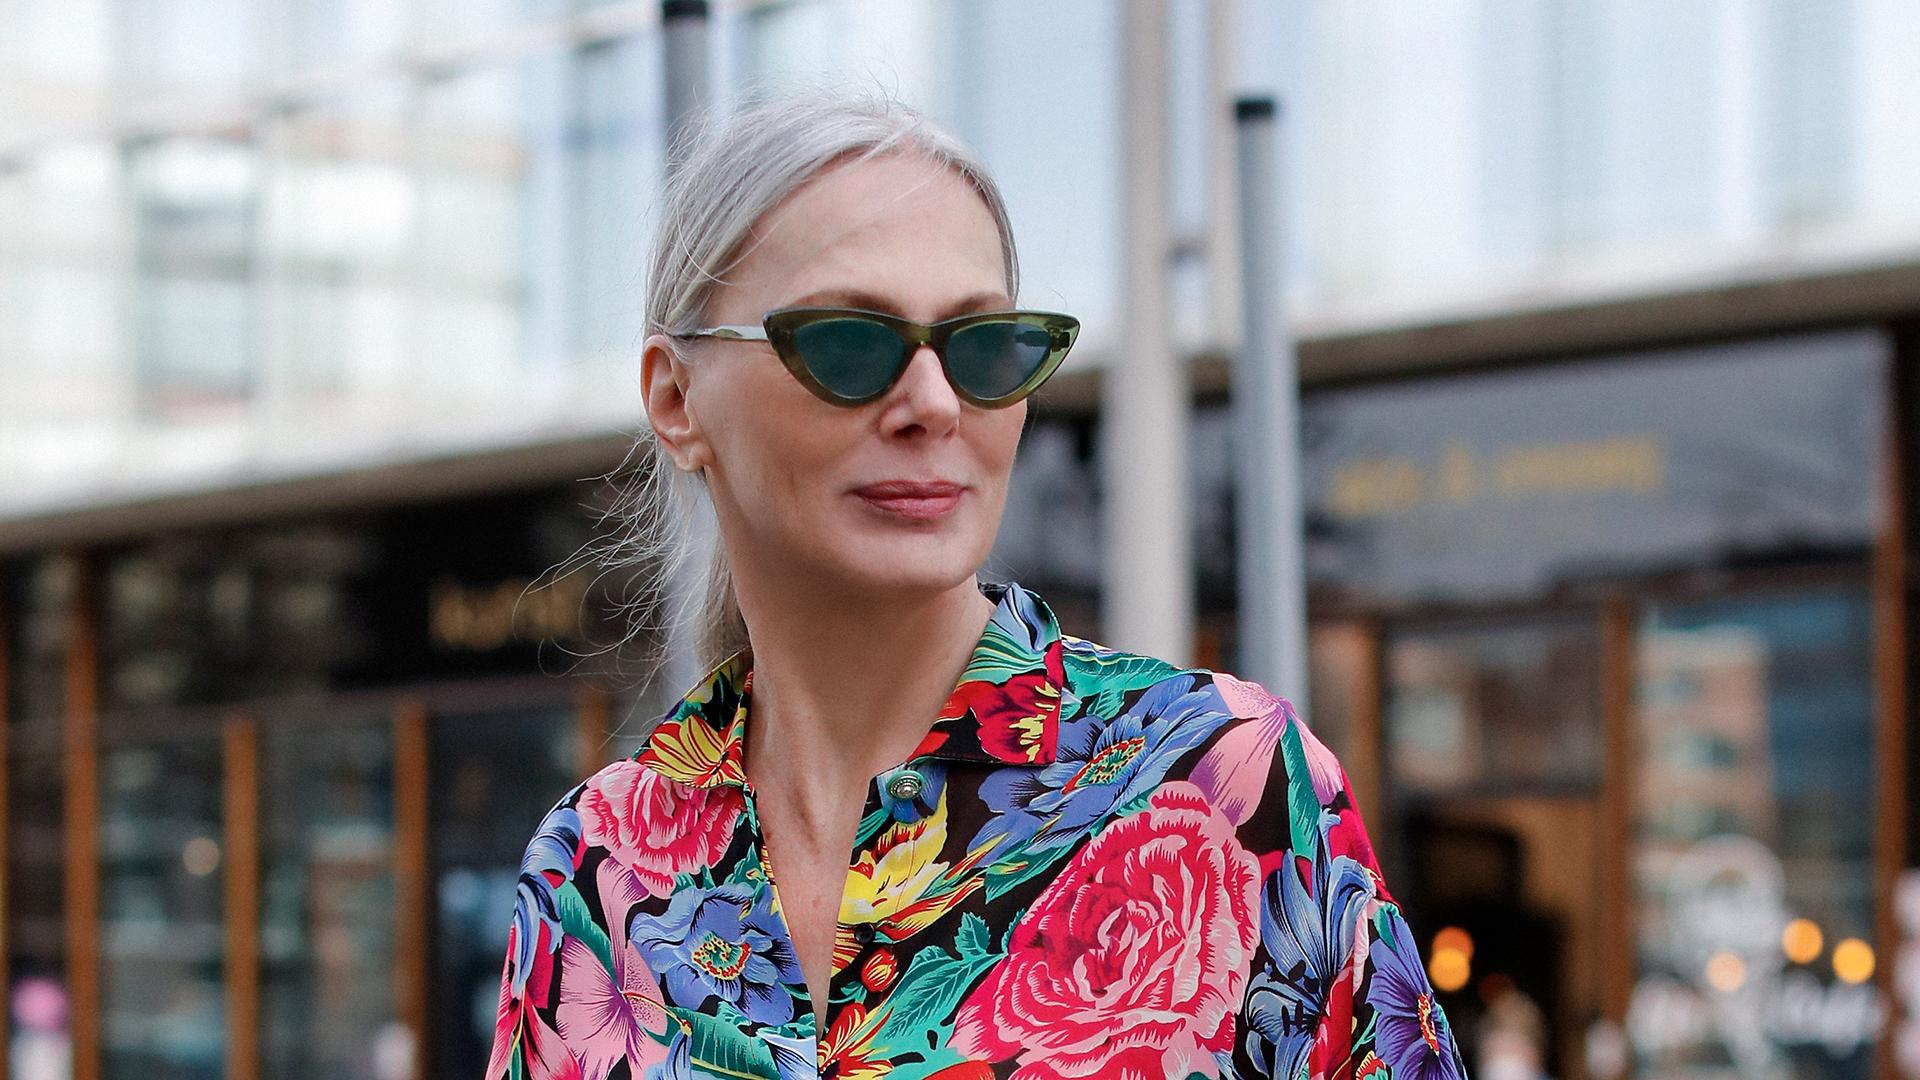 napszemüveg divat 2021